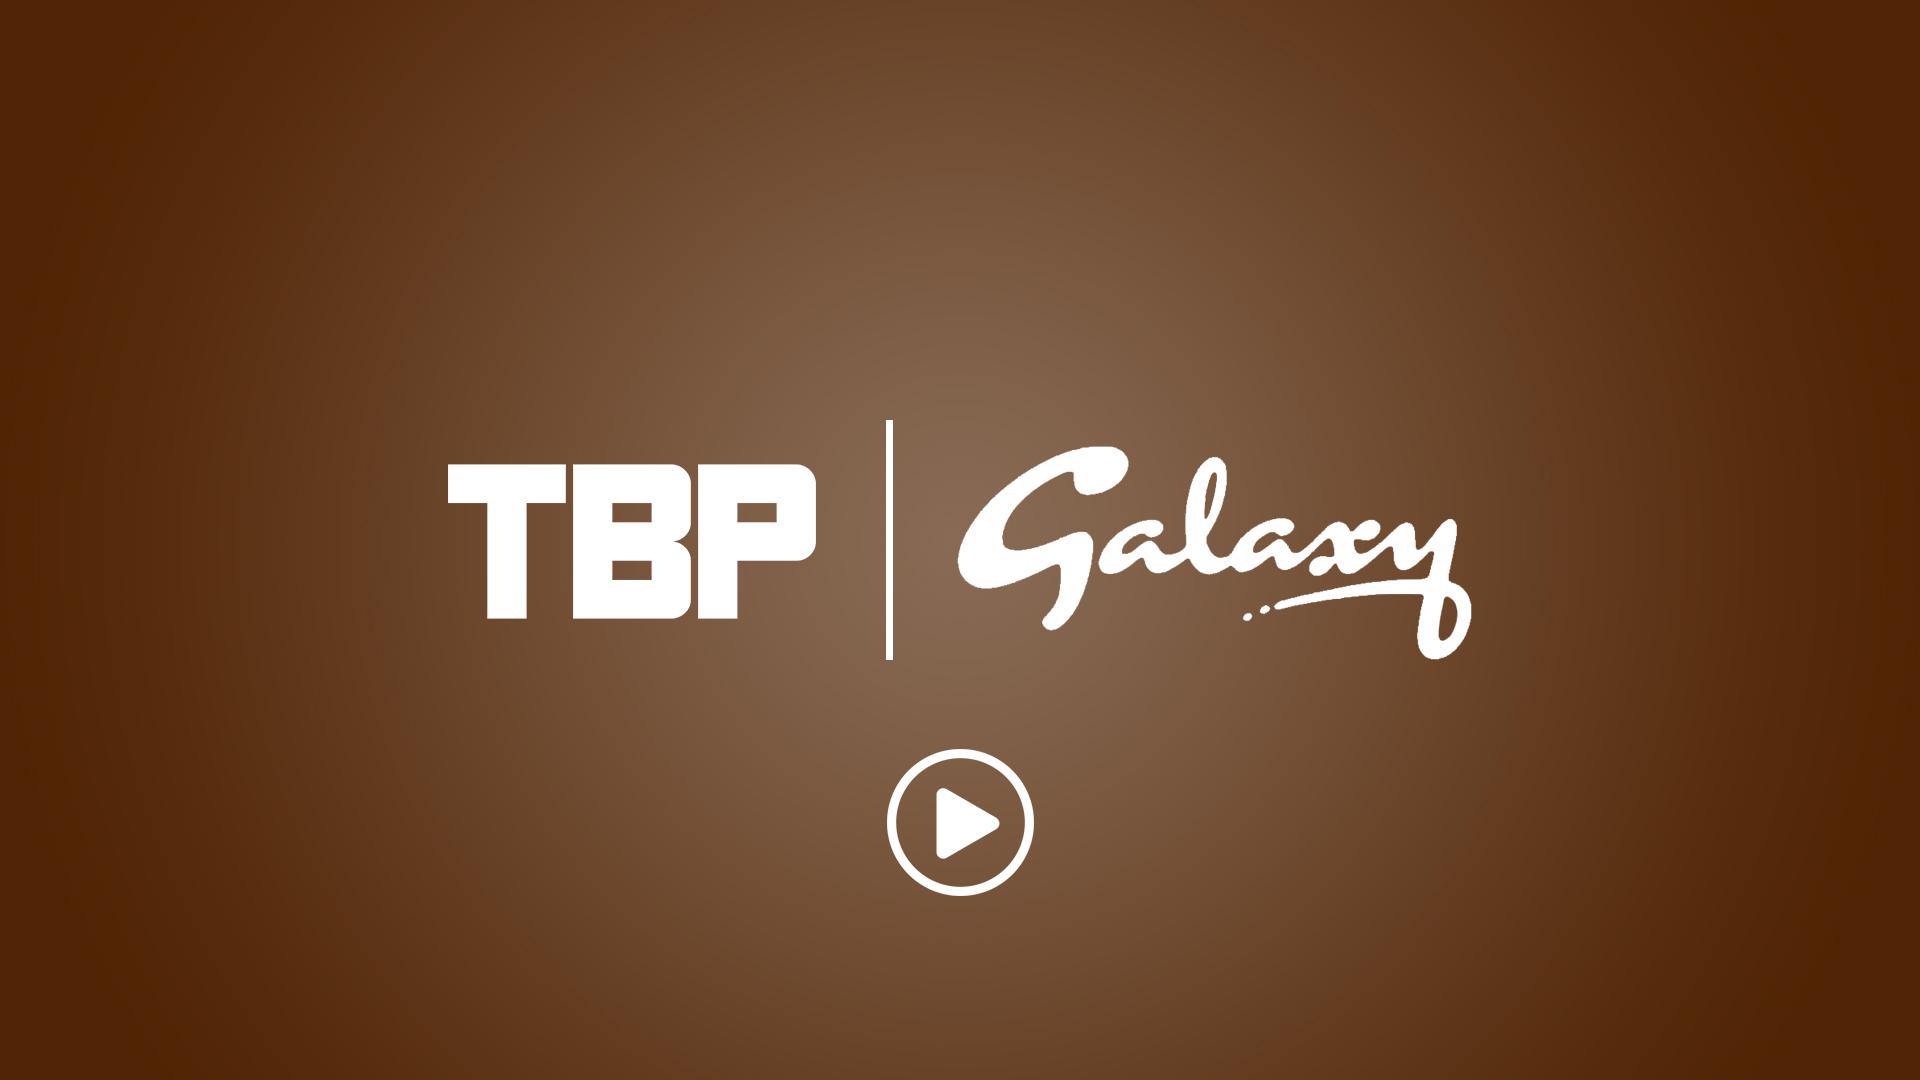 tbp galaxy